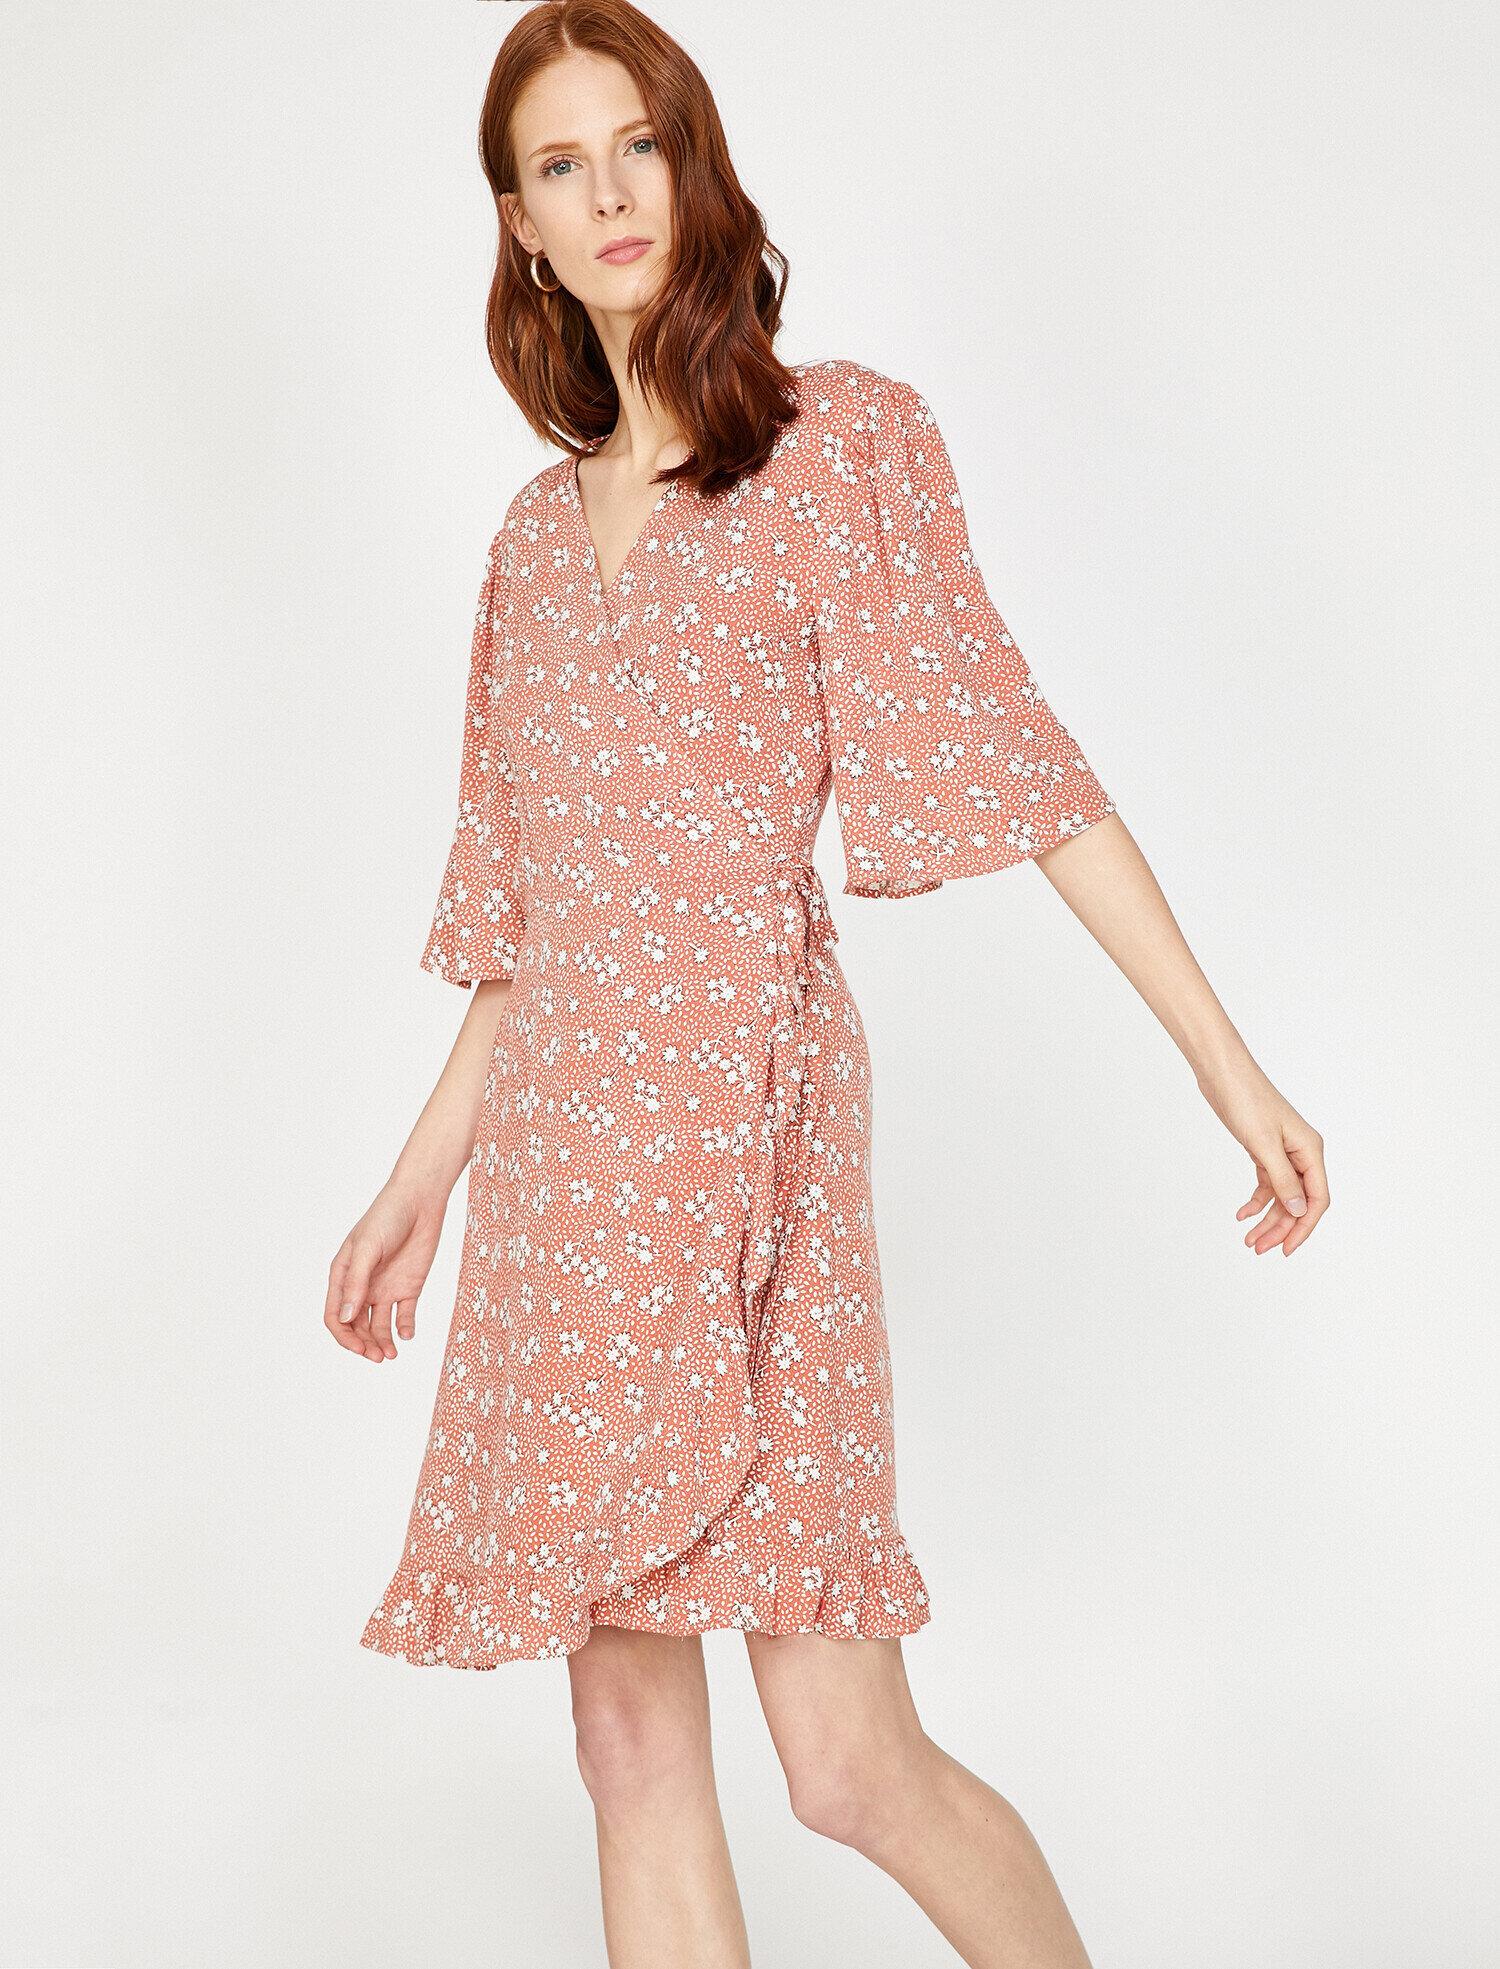 7d6f21201188 Pink Women Patterned Dress 9YAK88149PWA04 | Koton